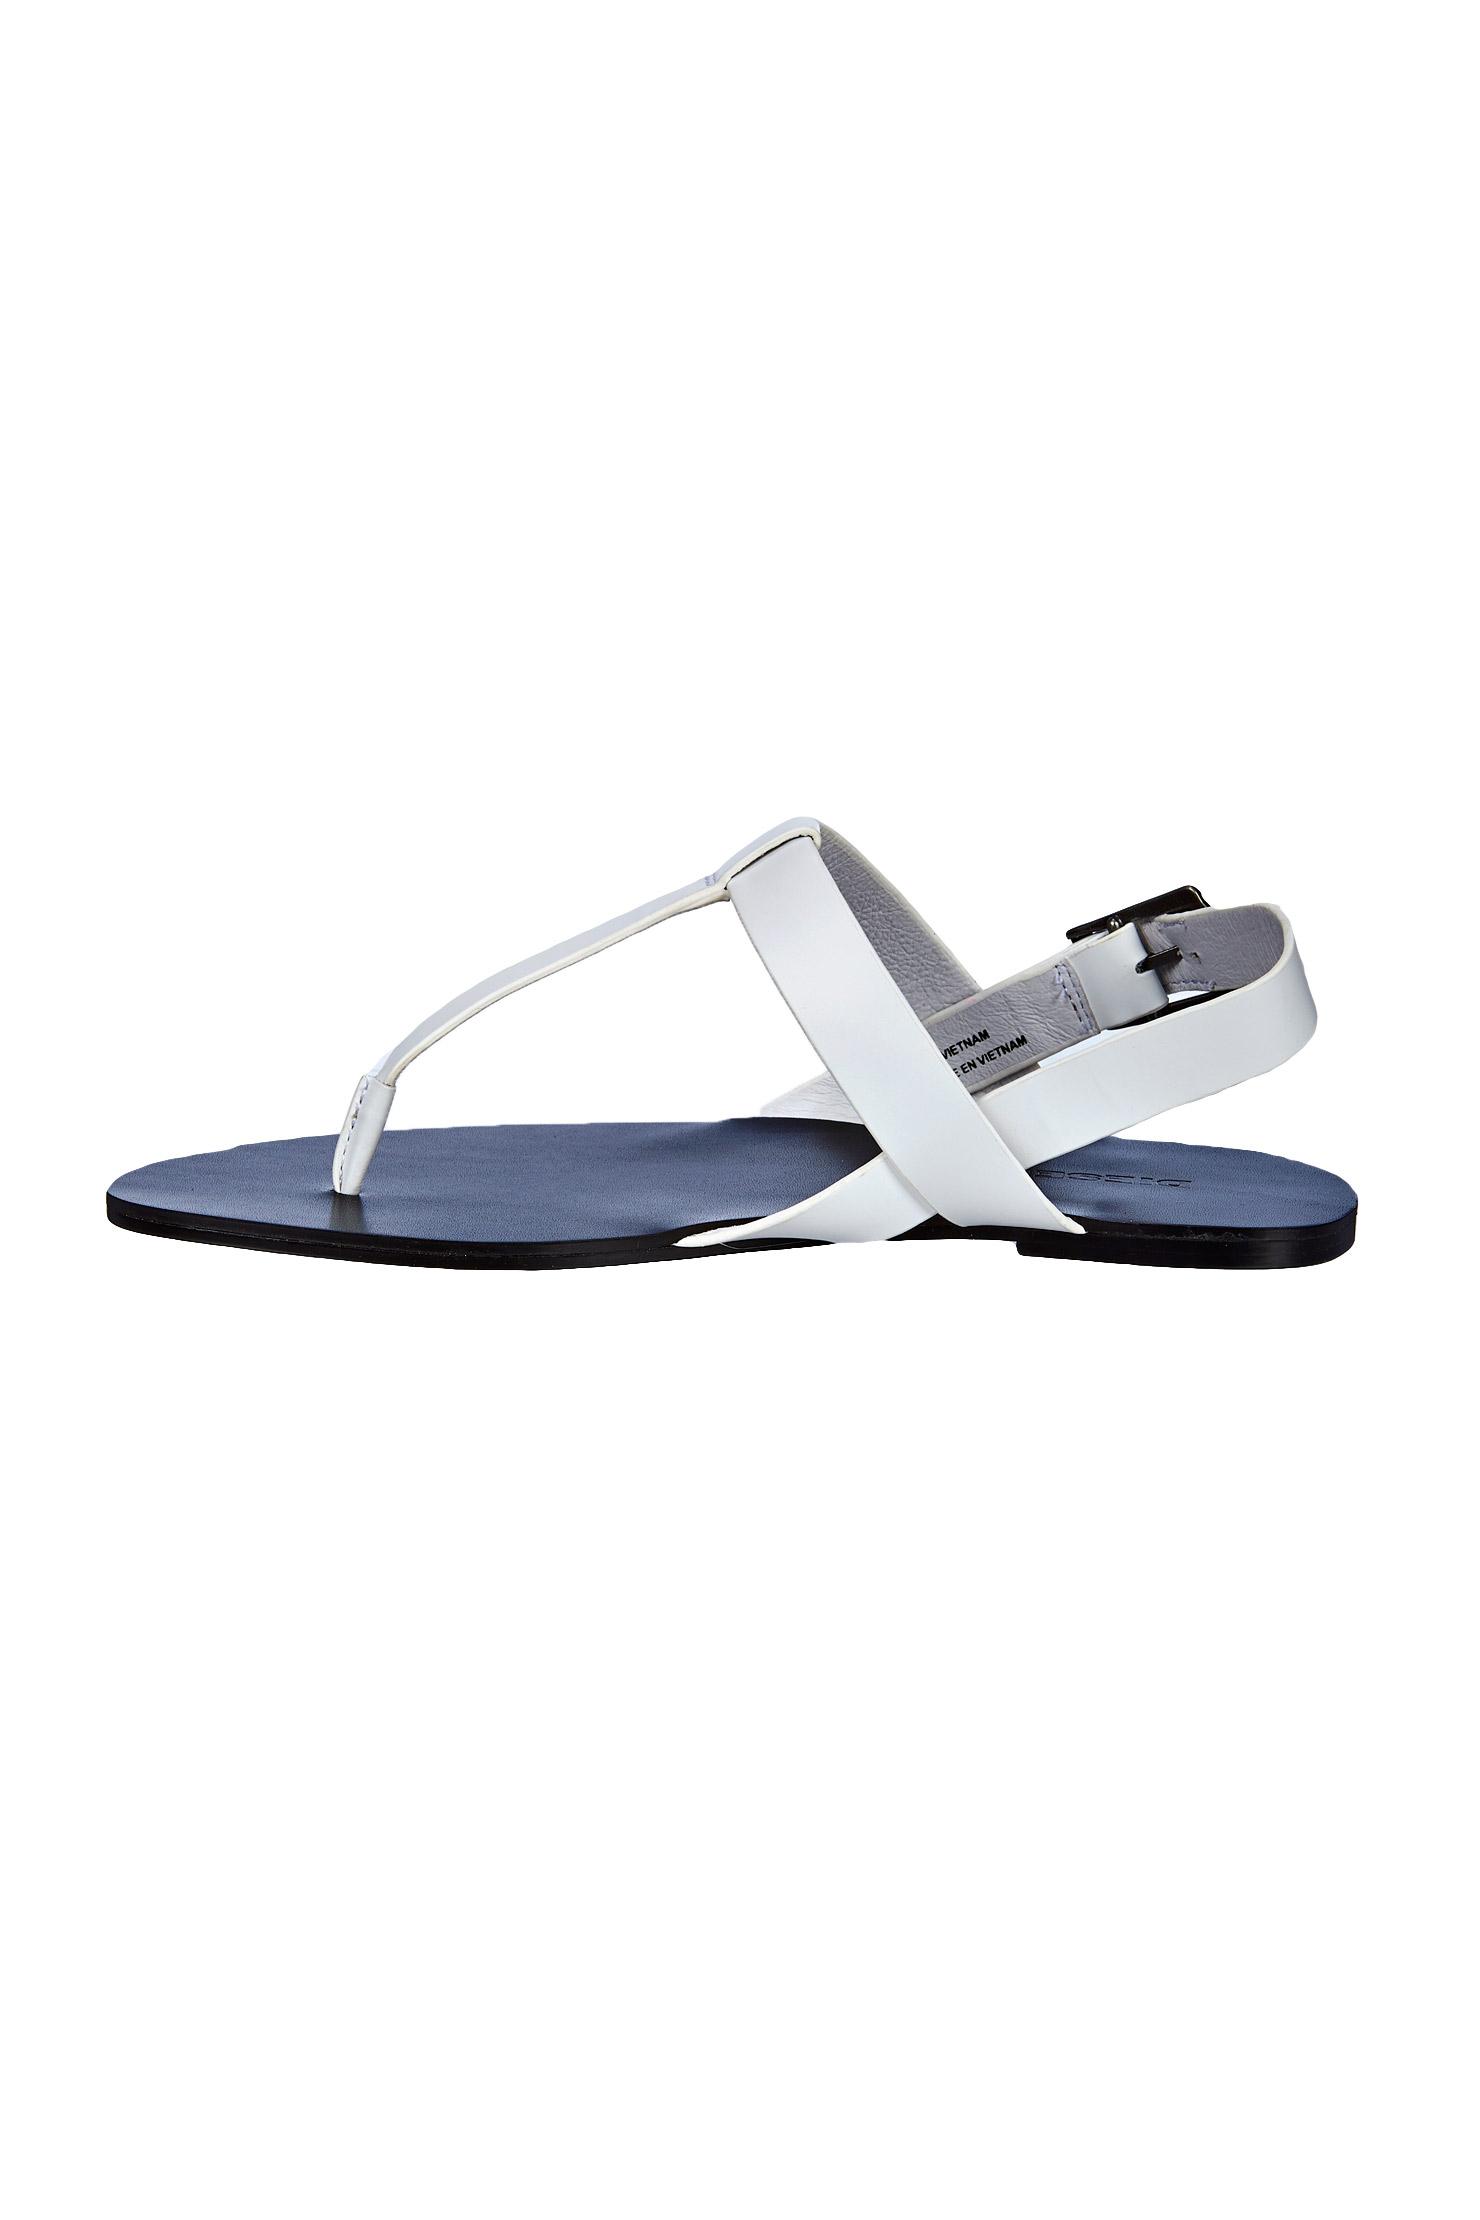 lyst diesel sandals in white